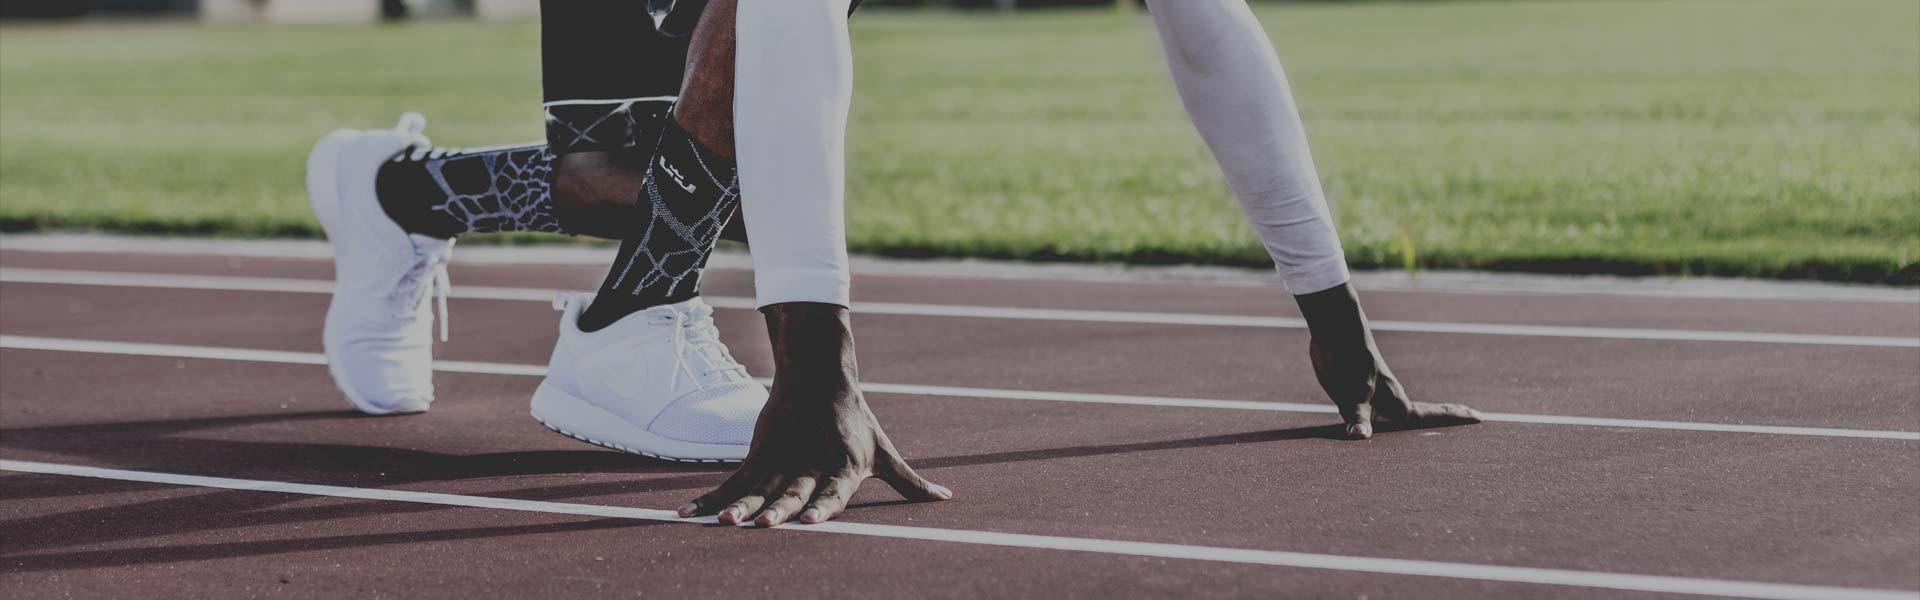 ผู้ใหญ่ได้อย่างรวดเร็วจัดส่งสีซิลิโคนนวดพื้นรองเท้า